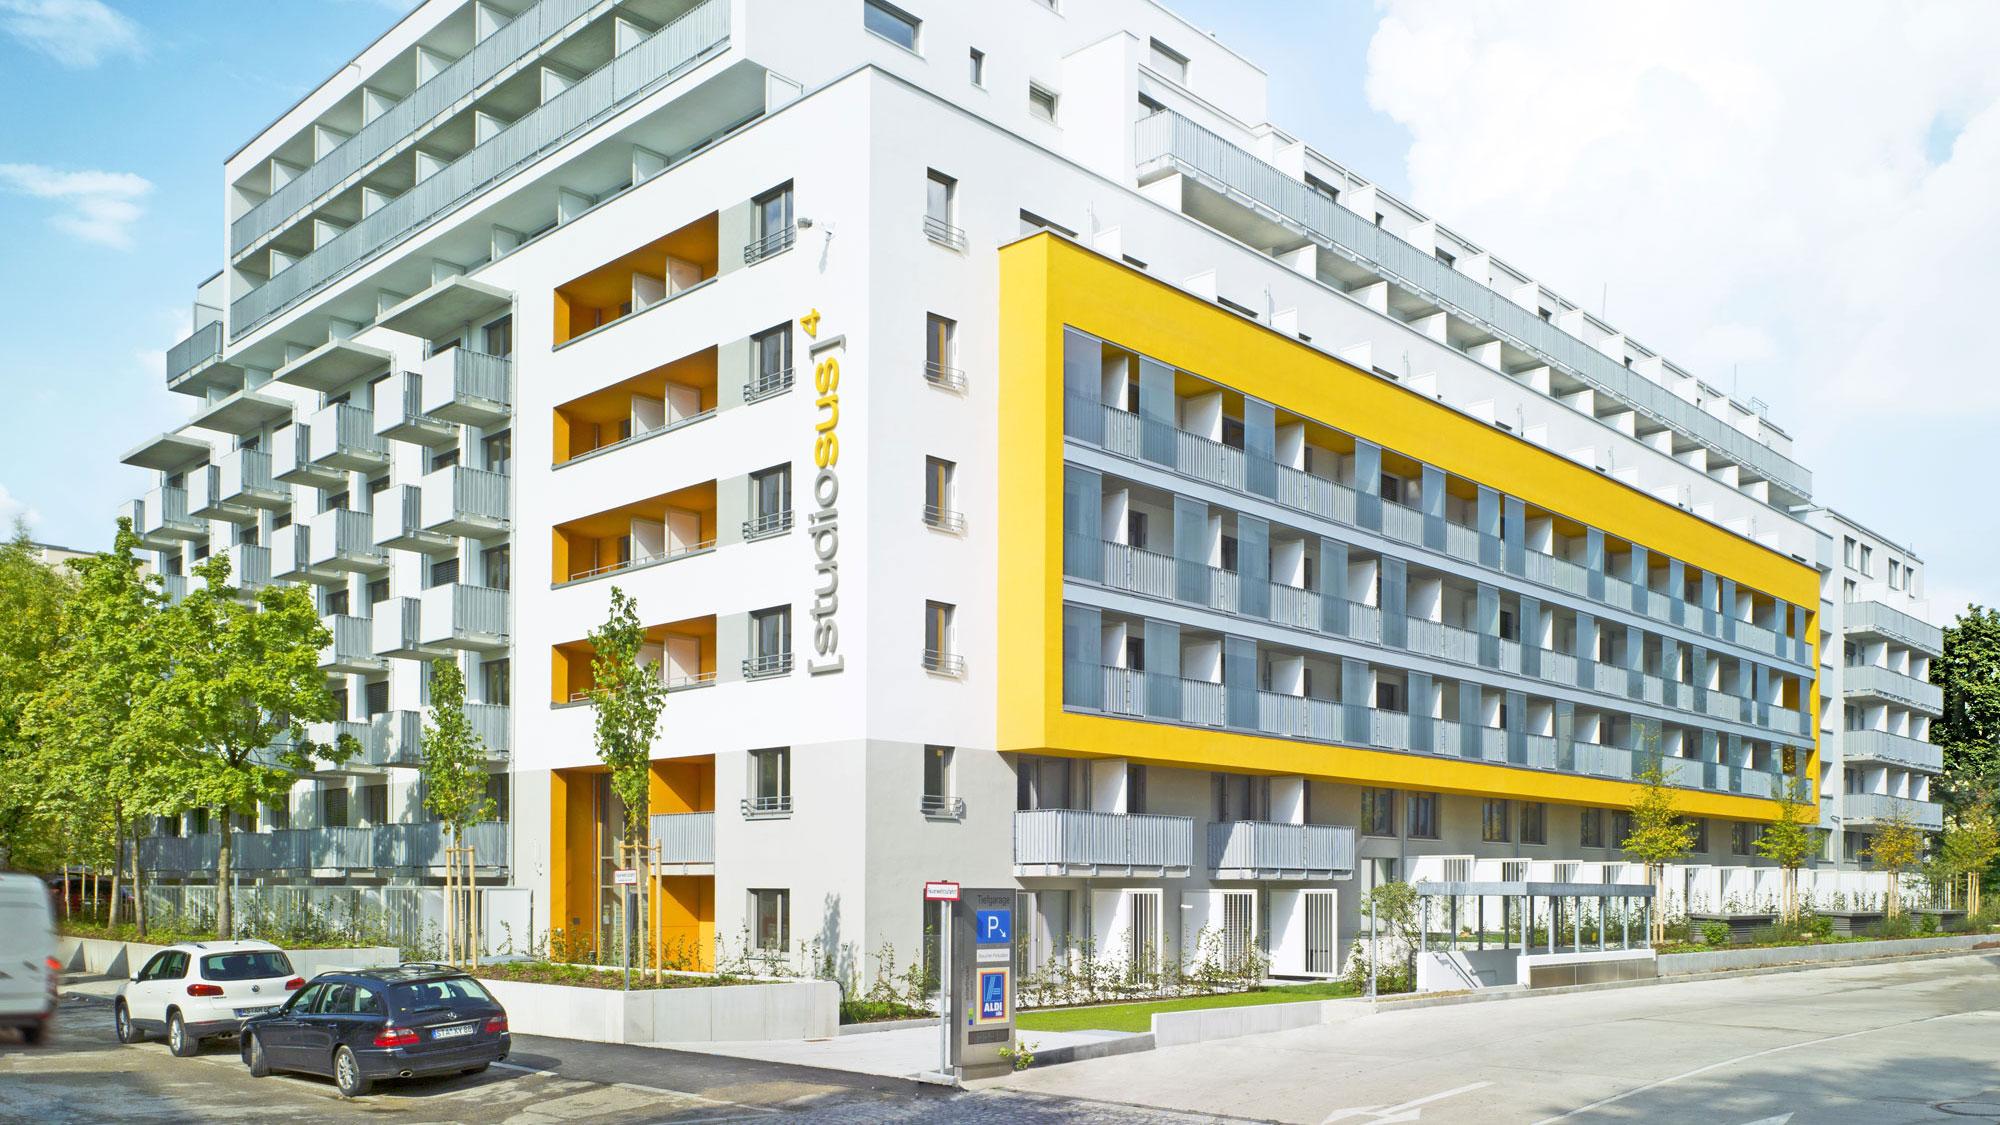 Neubauprojekt studiosus 4 - Außenansicht der Wohnanlage mit hochmodernen Studentenapartements in einzigartiger Lage in München